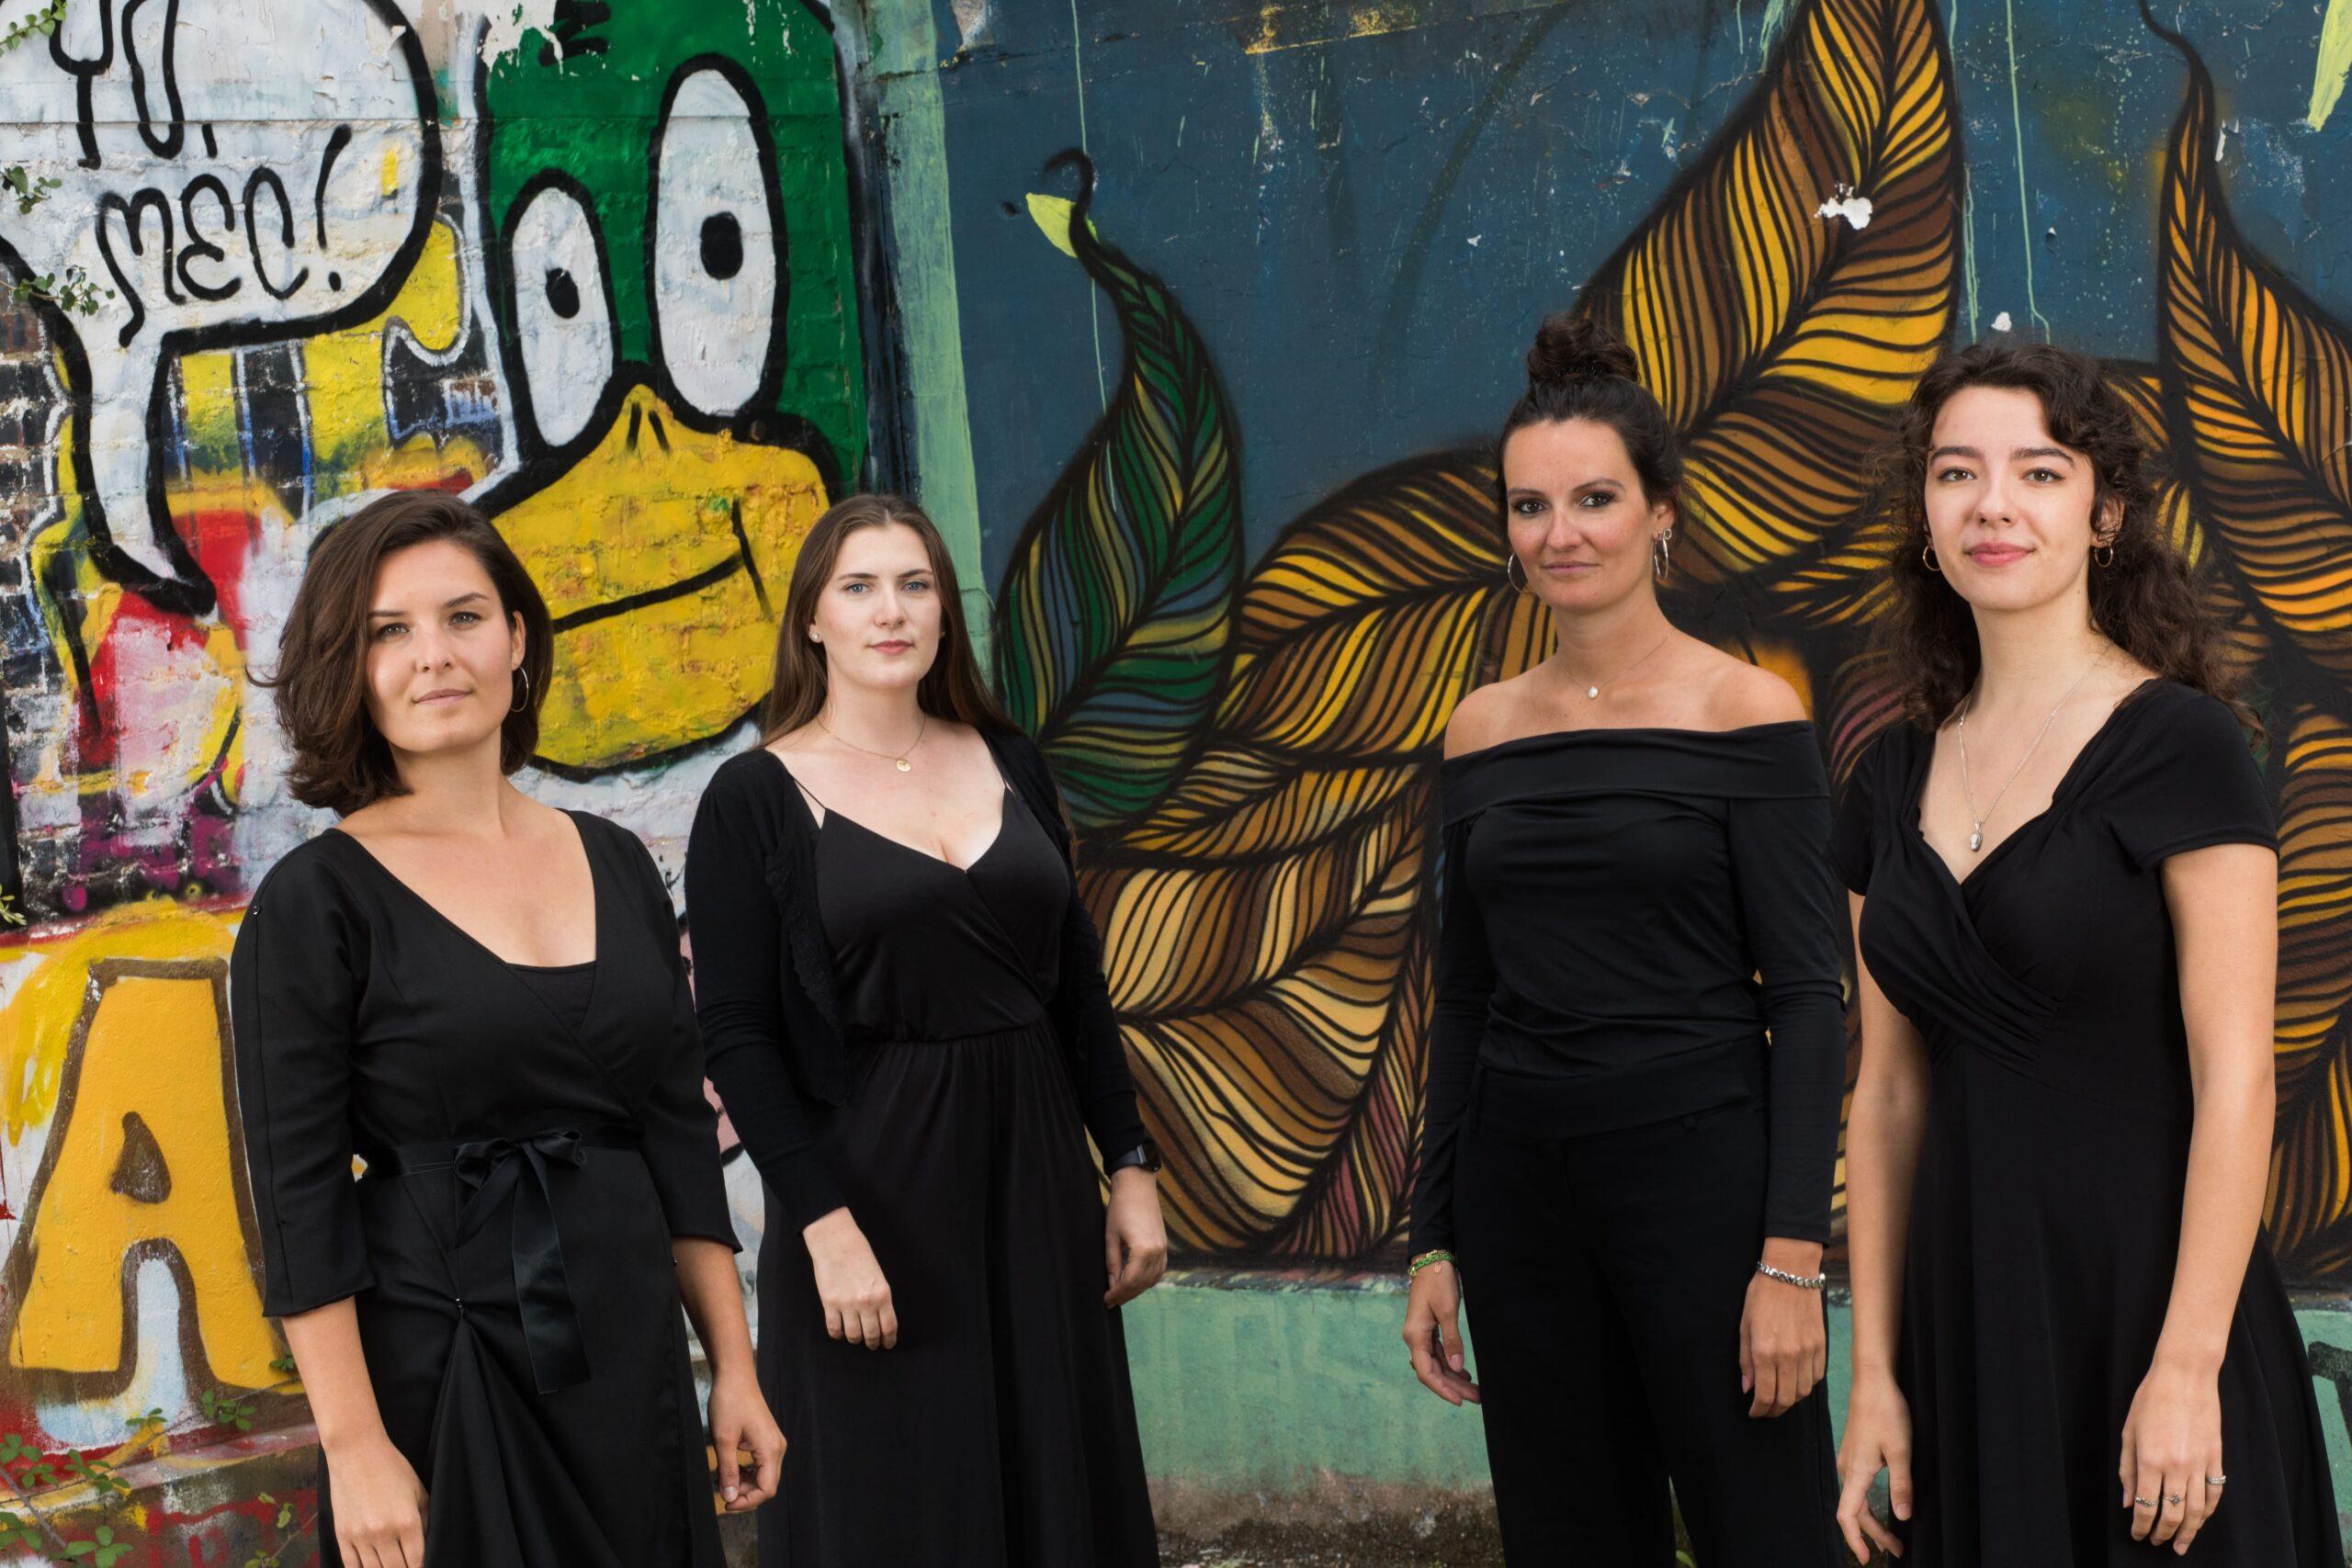 Les chanteuses soprano/soprani du choeur In Paradisum lors de la séance photo avec Laurent Guizard en août 2020, Katell Dupin, Clémence Lengagne, Graziella Roger, Ninnog Memin